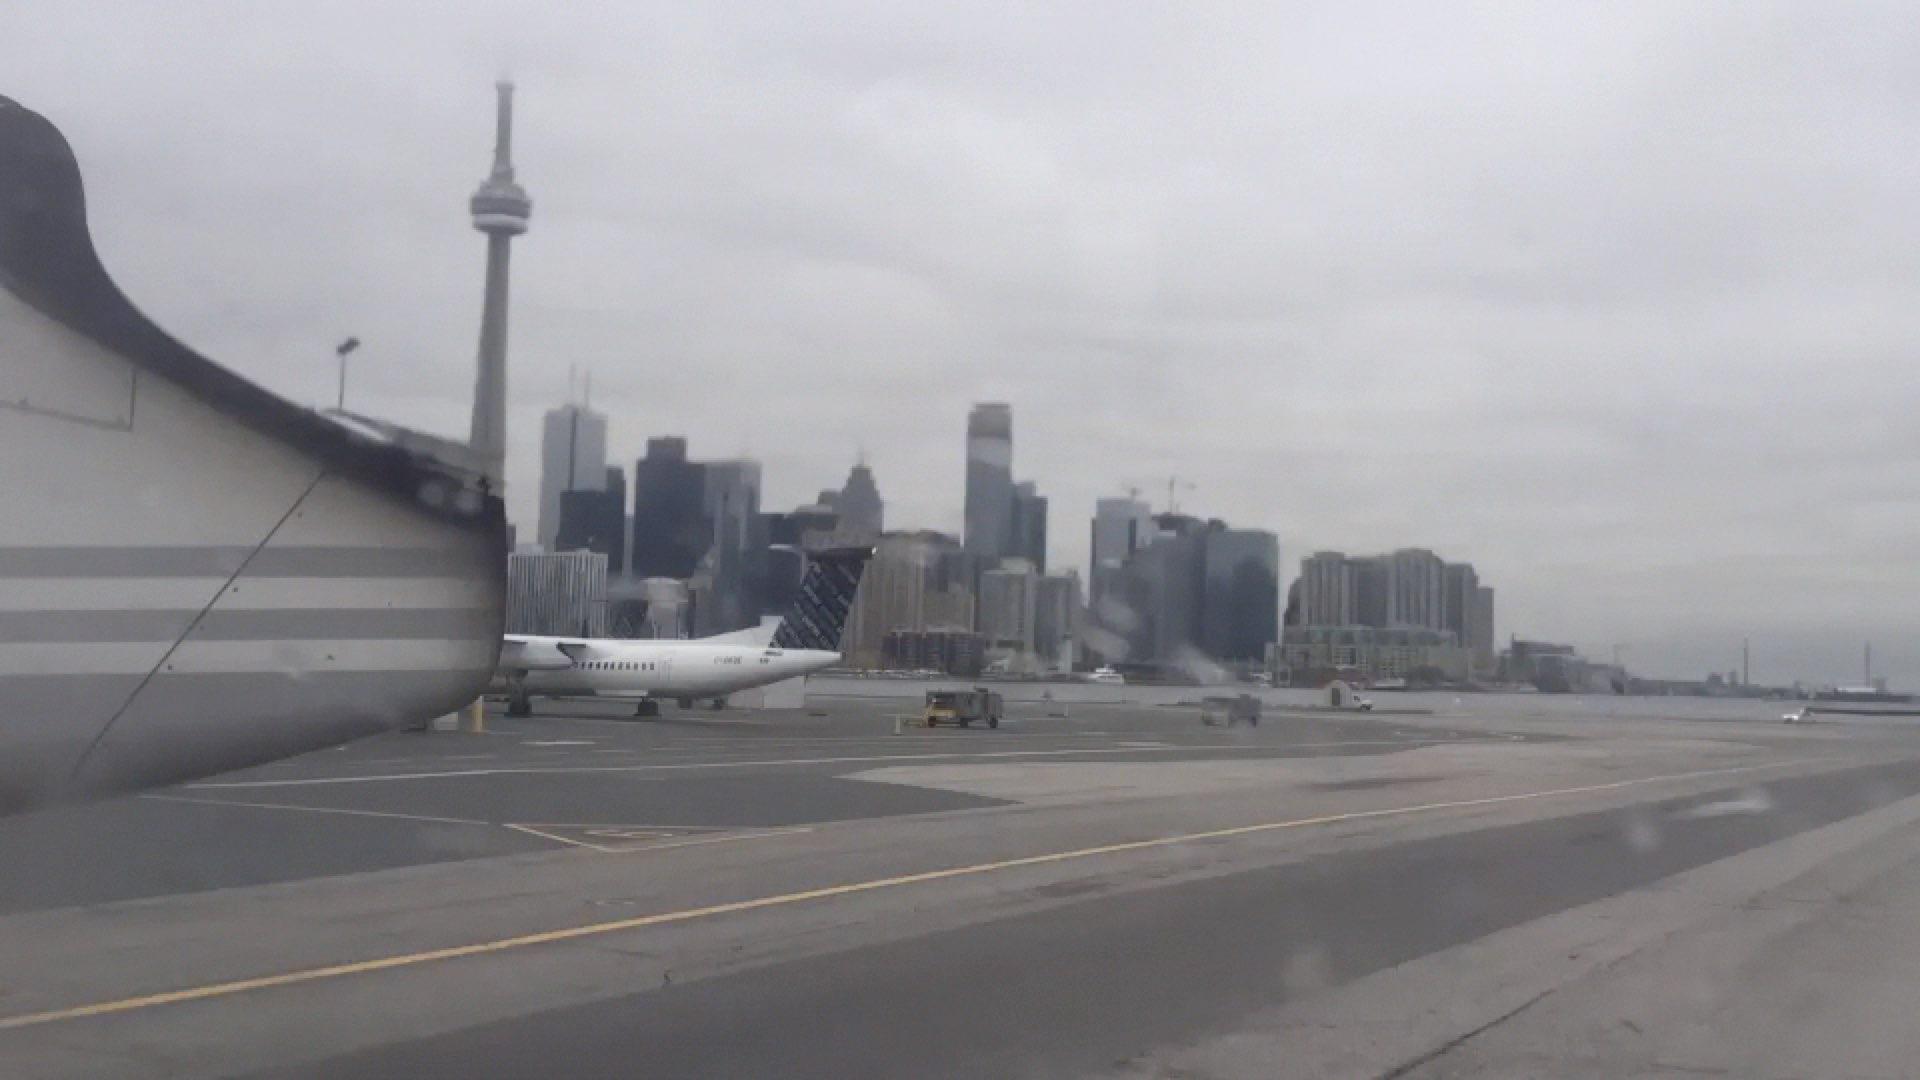 White apron toronto - Airplane Problem Trip To Toronto 3 Act Math From Subitizing To Algebra